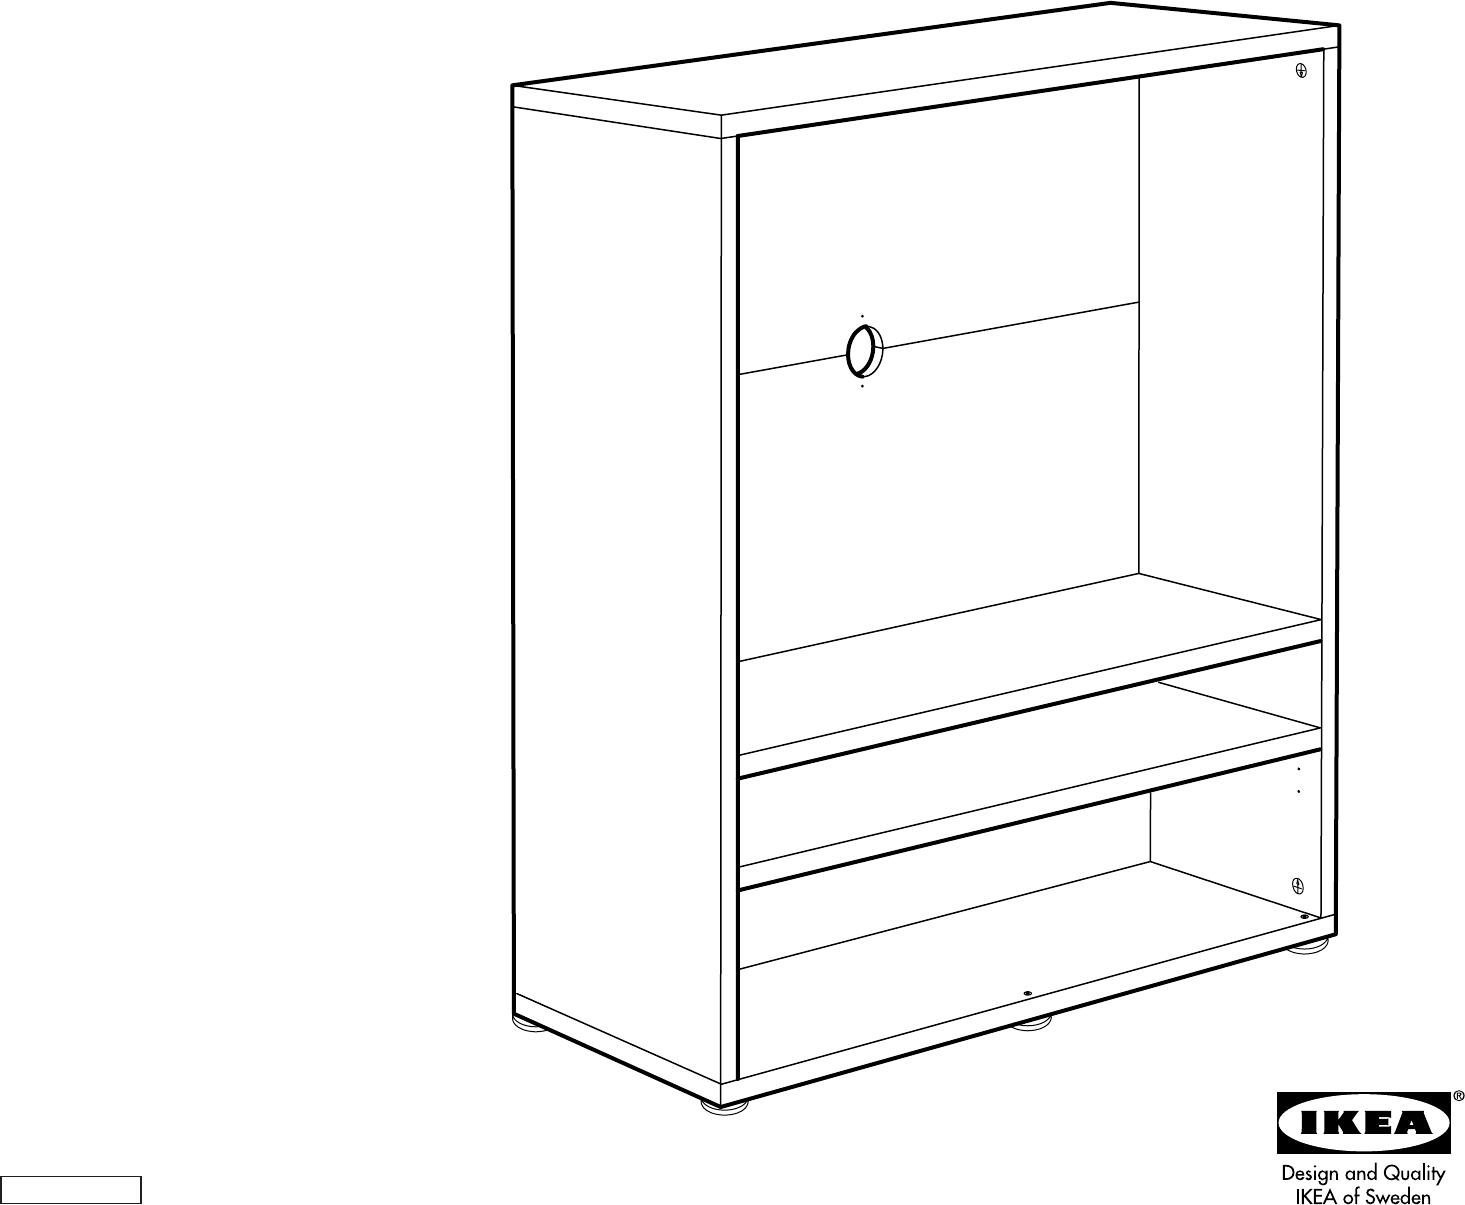 Handleiding Ikea Besta Enon TV kast (pagina 1 van 10) (Dansk, Deutsch ...